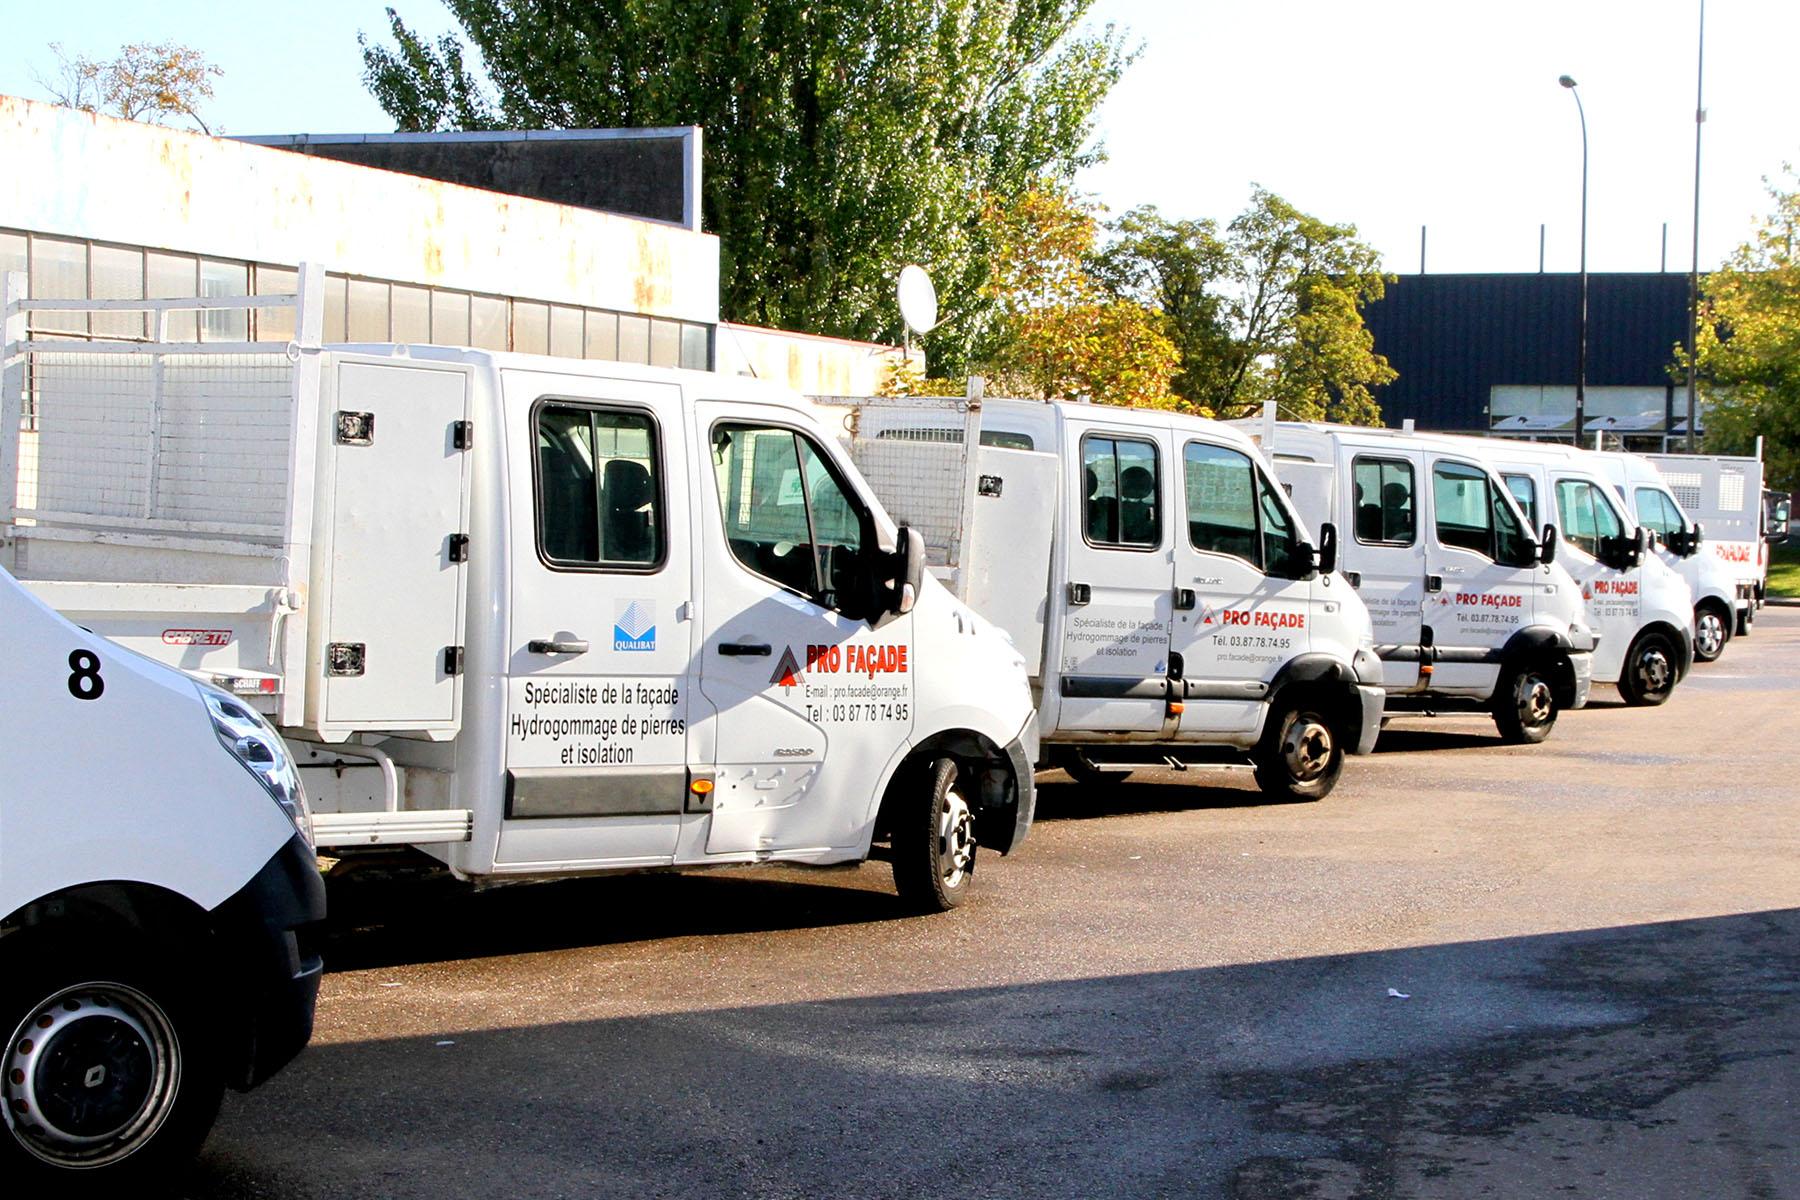 vehicules - pro façade - professionnel de la façade Metz